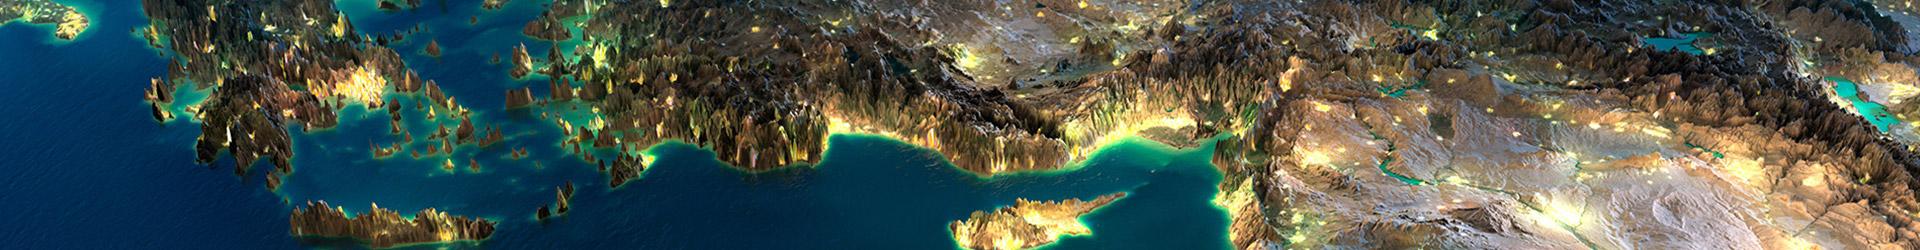 טורקיה במבט מלמעלה (תלת מימד)